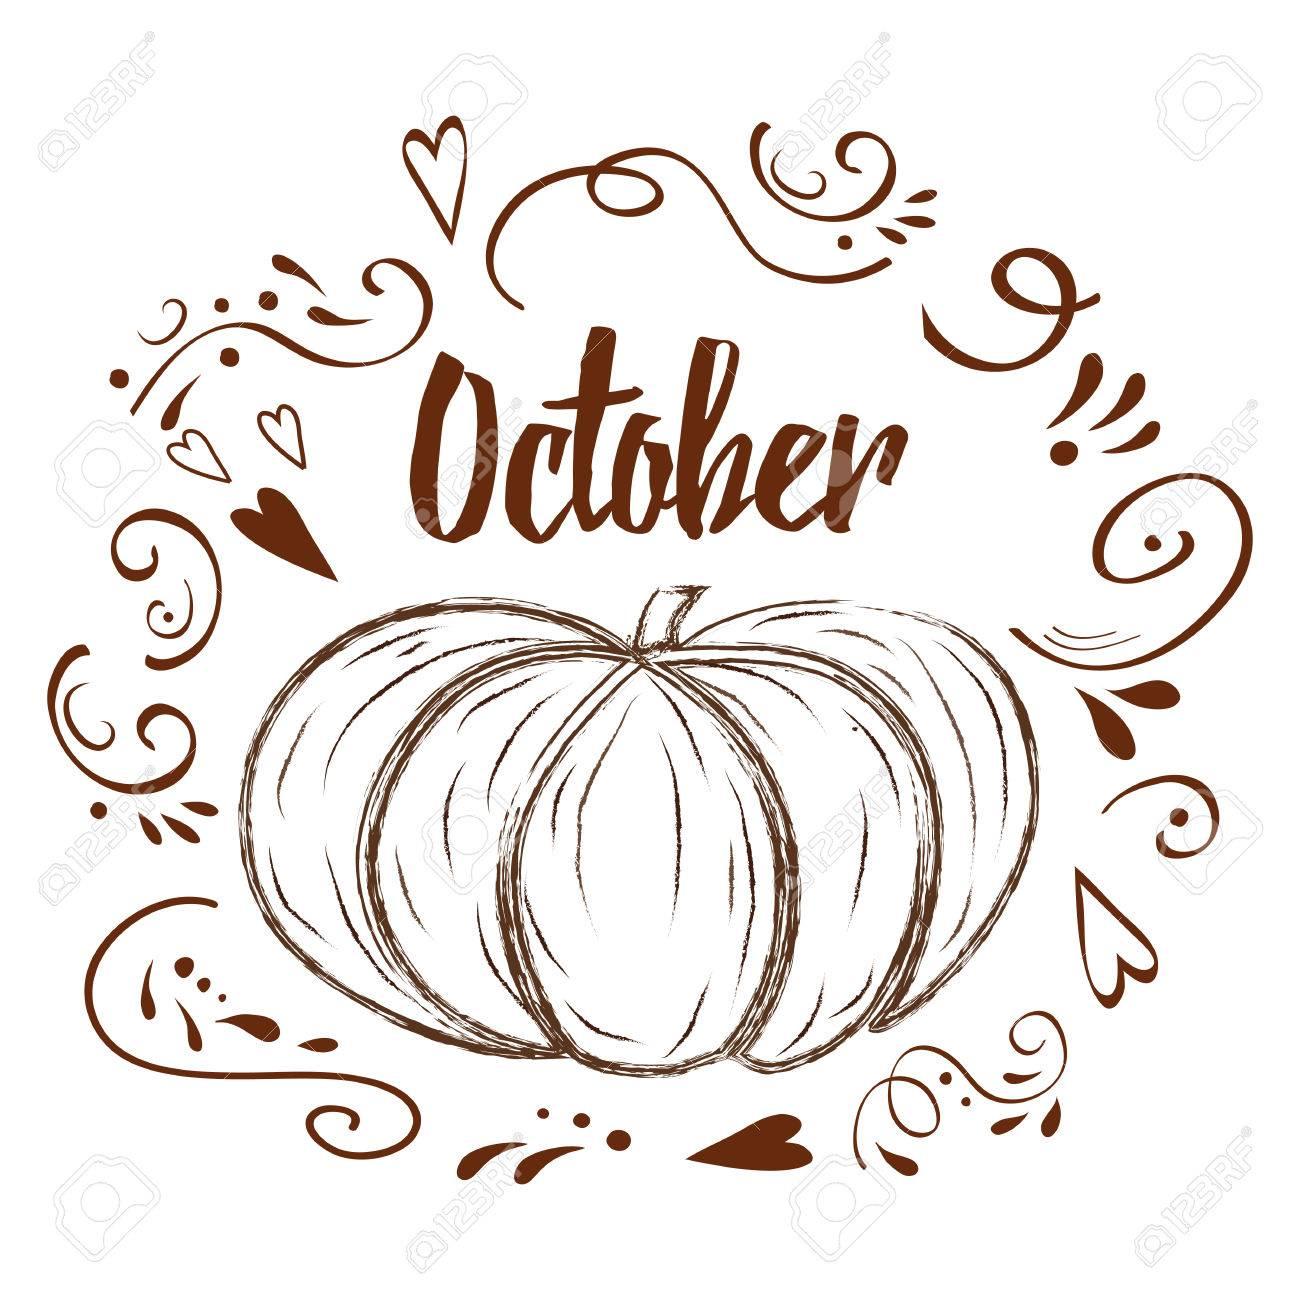 手書き風カボチャ 心 カボチャ 白の背景上のテキストと文字体裁の要素 10 月のイラスト素材 ベクタ Image